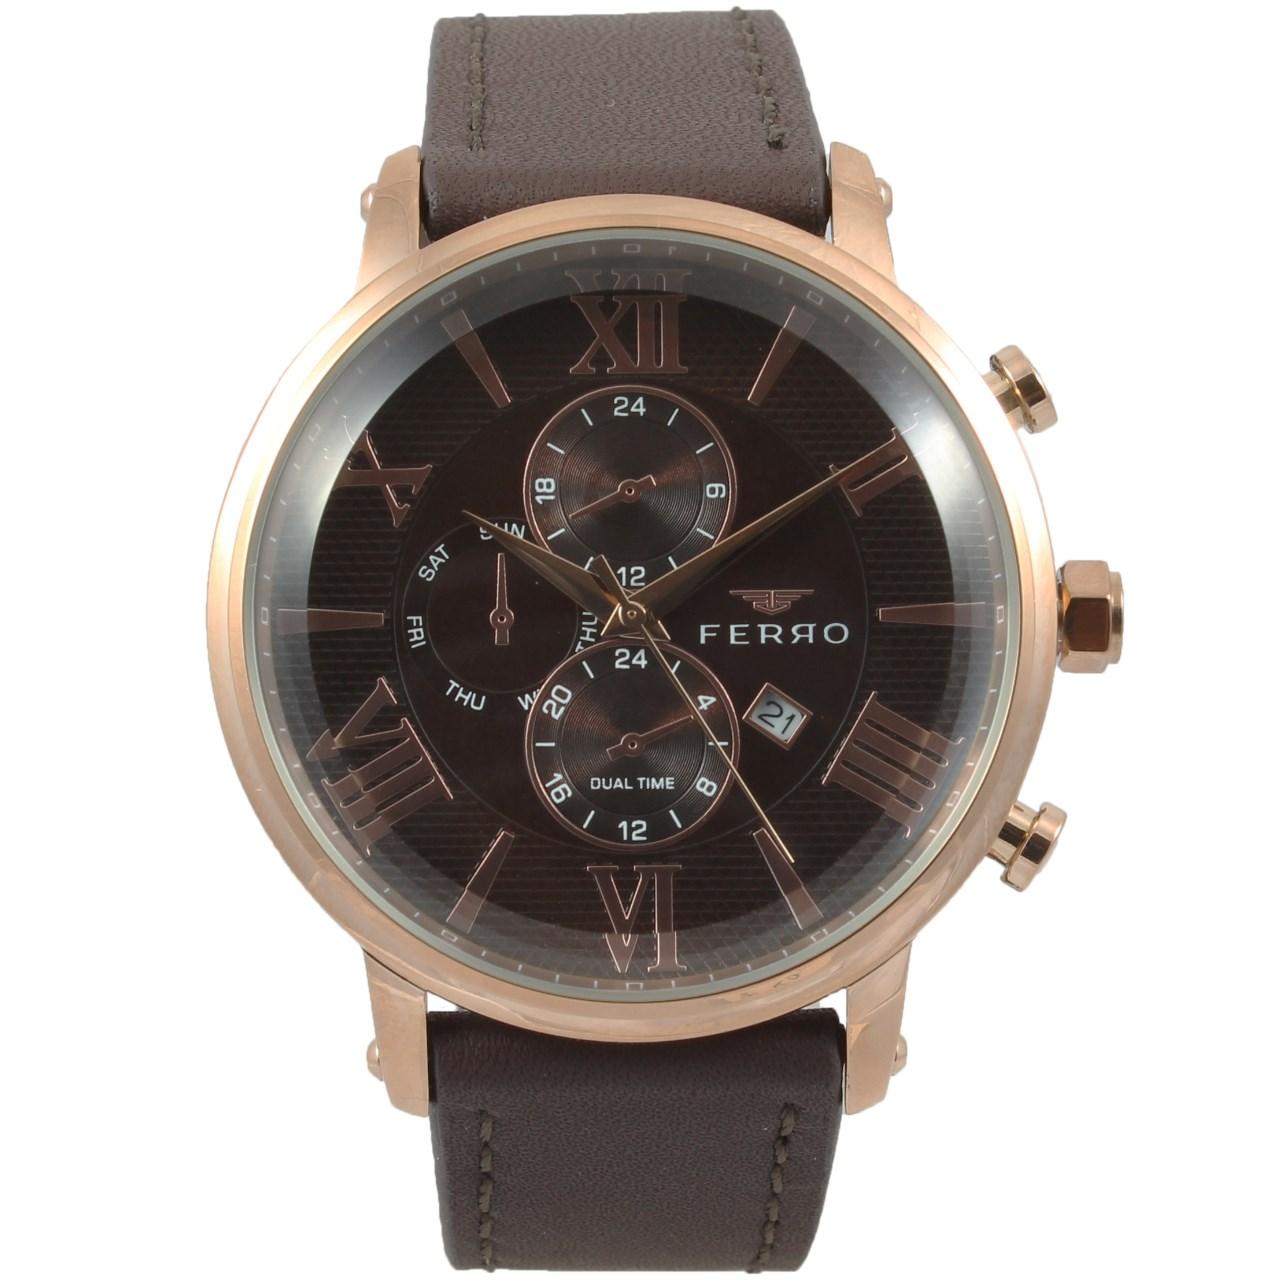 ساعت مچی عقربه ای مردانه فرو مدل F61509-622-C2